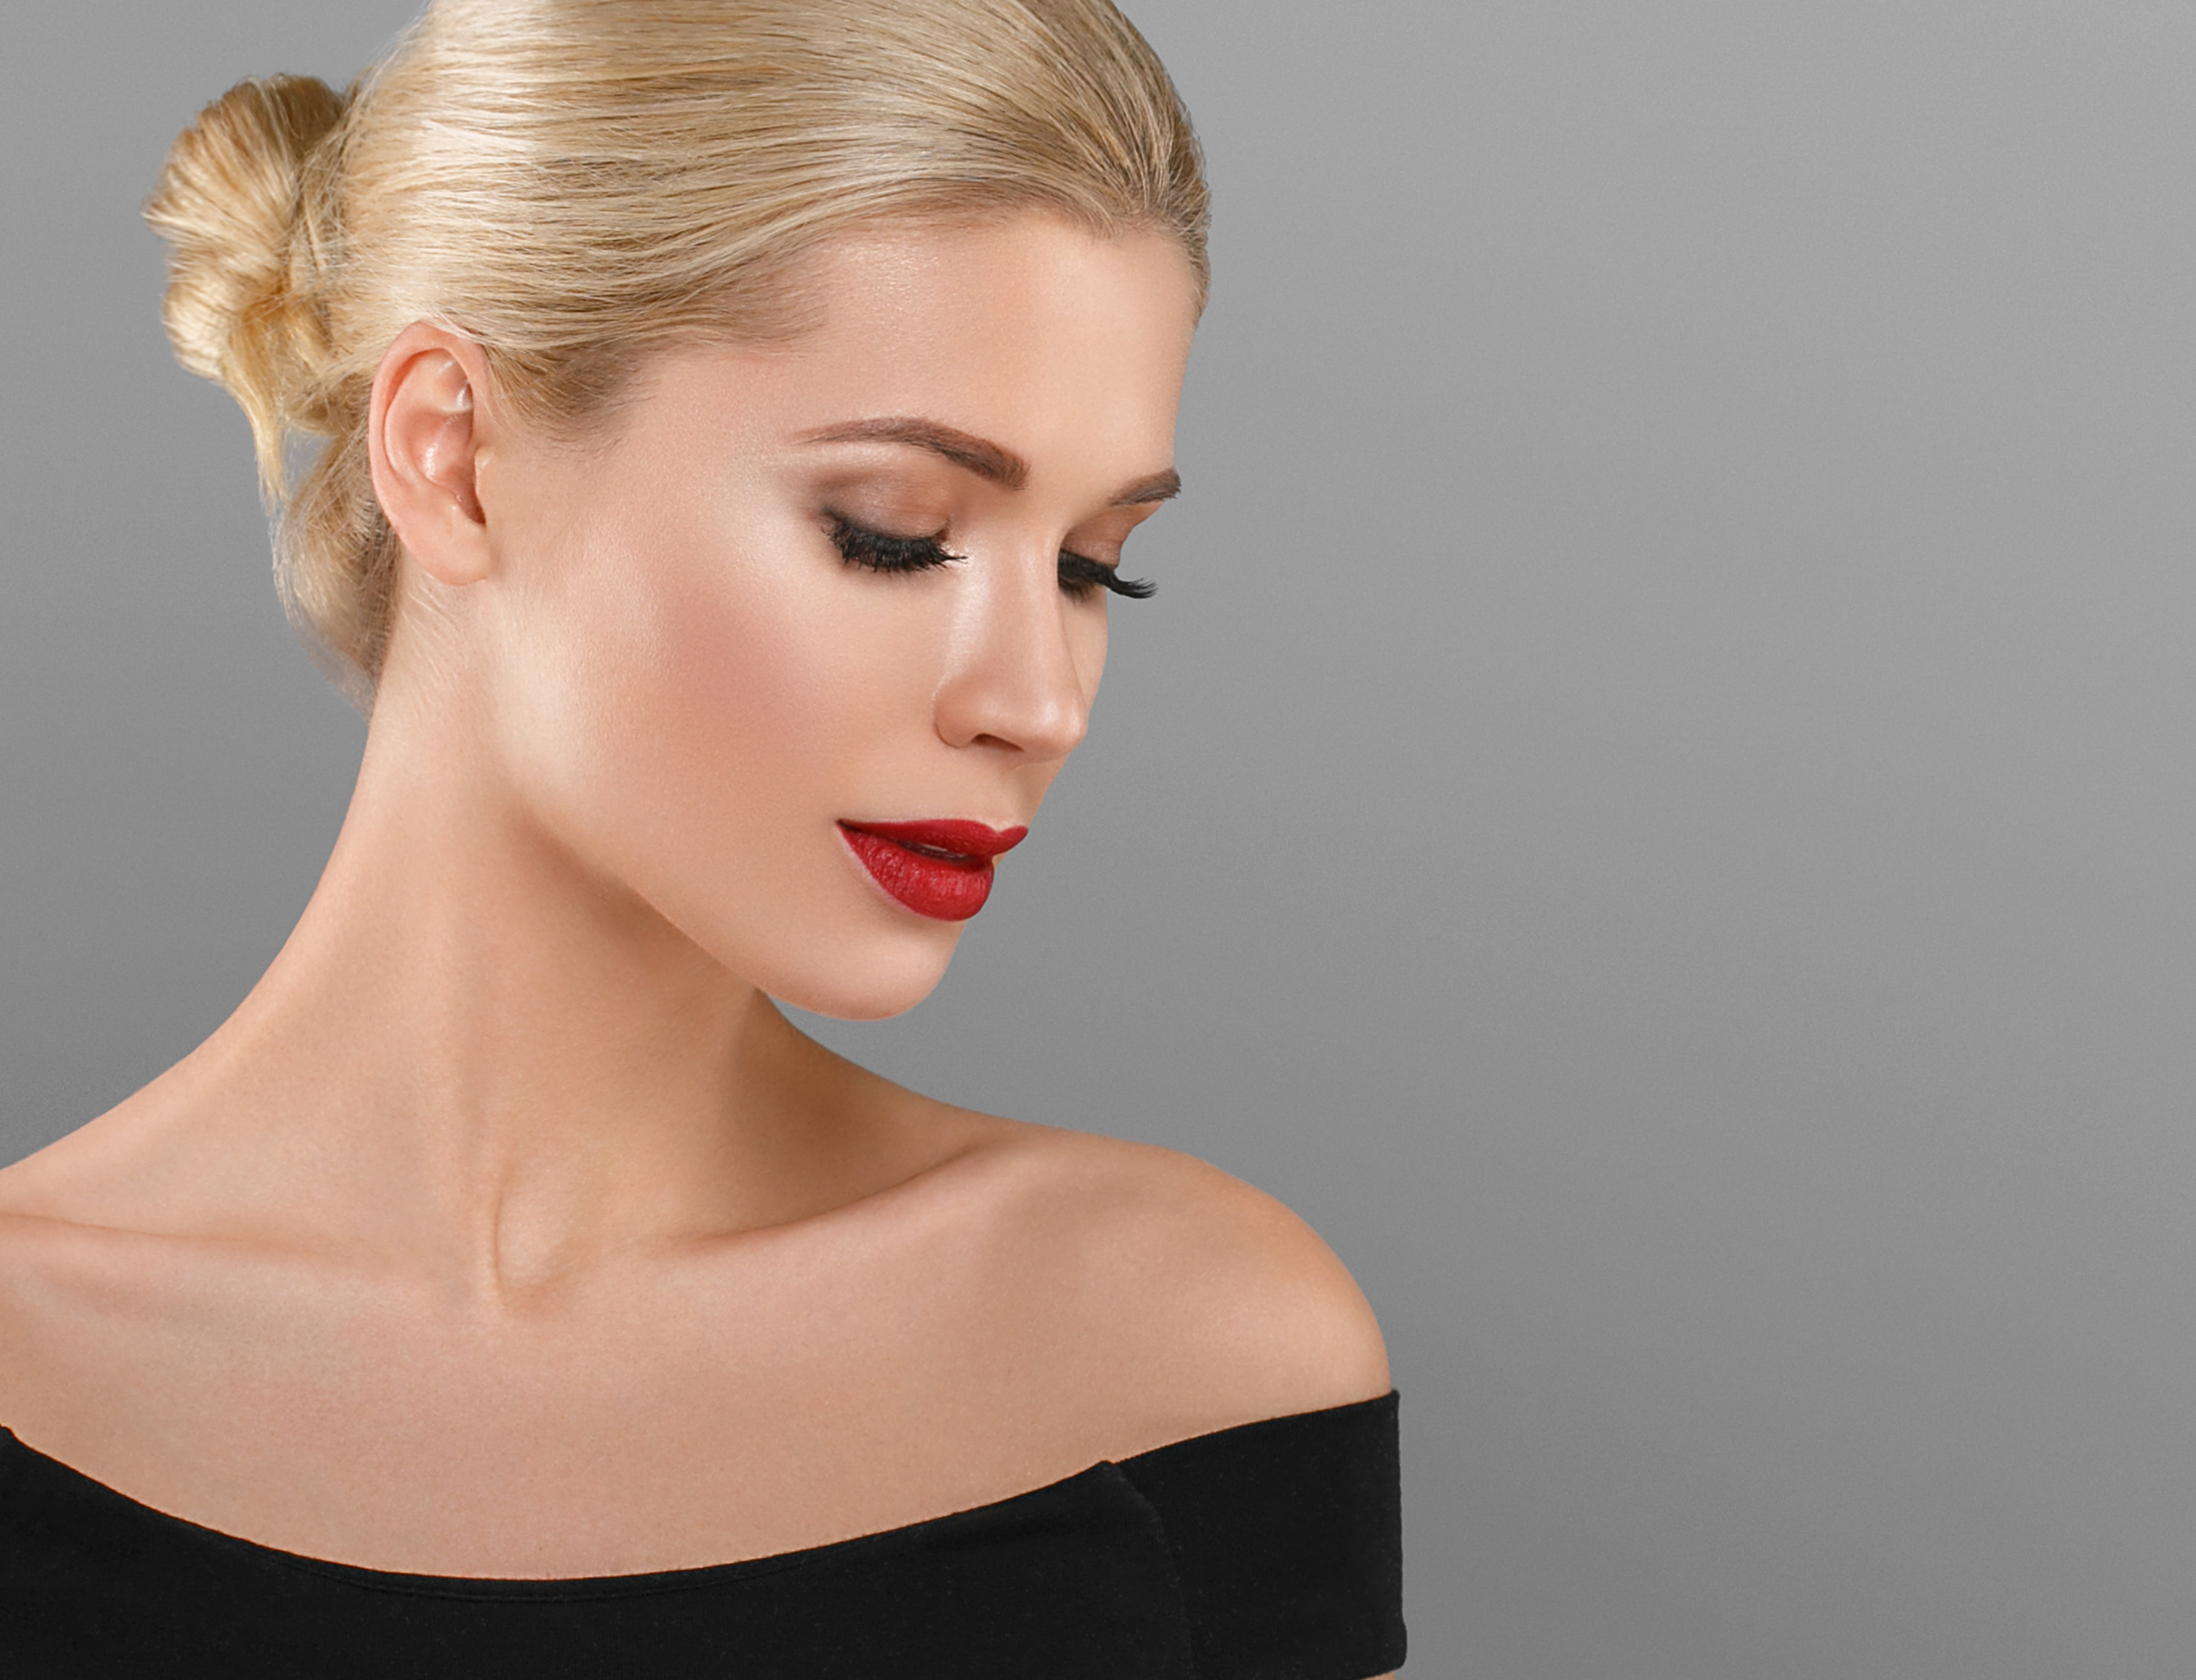 La prise en charge des volumes du visage par les acides hyaluroniques